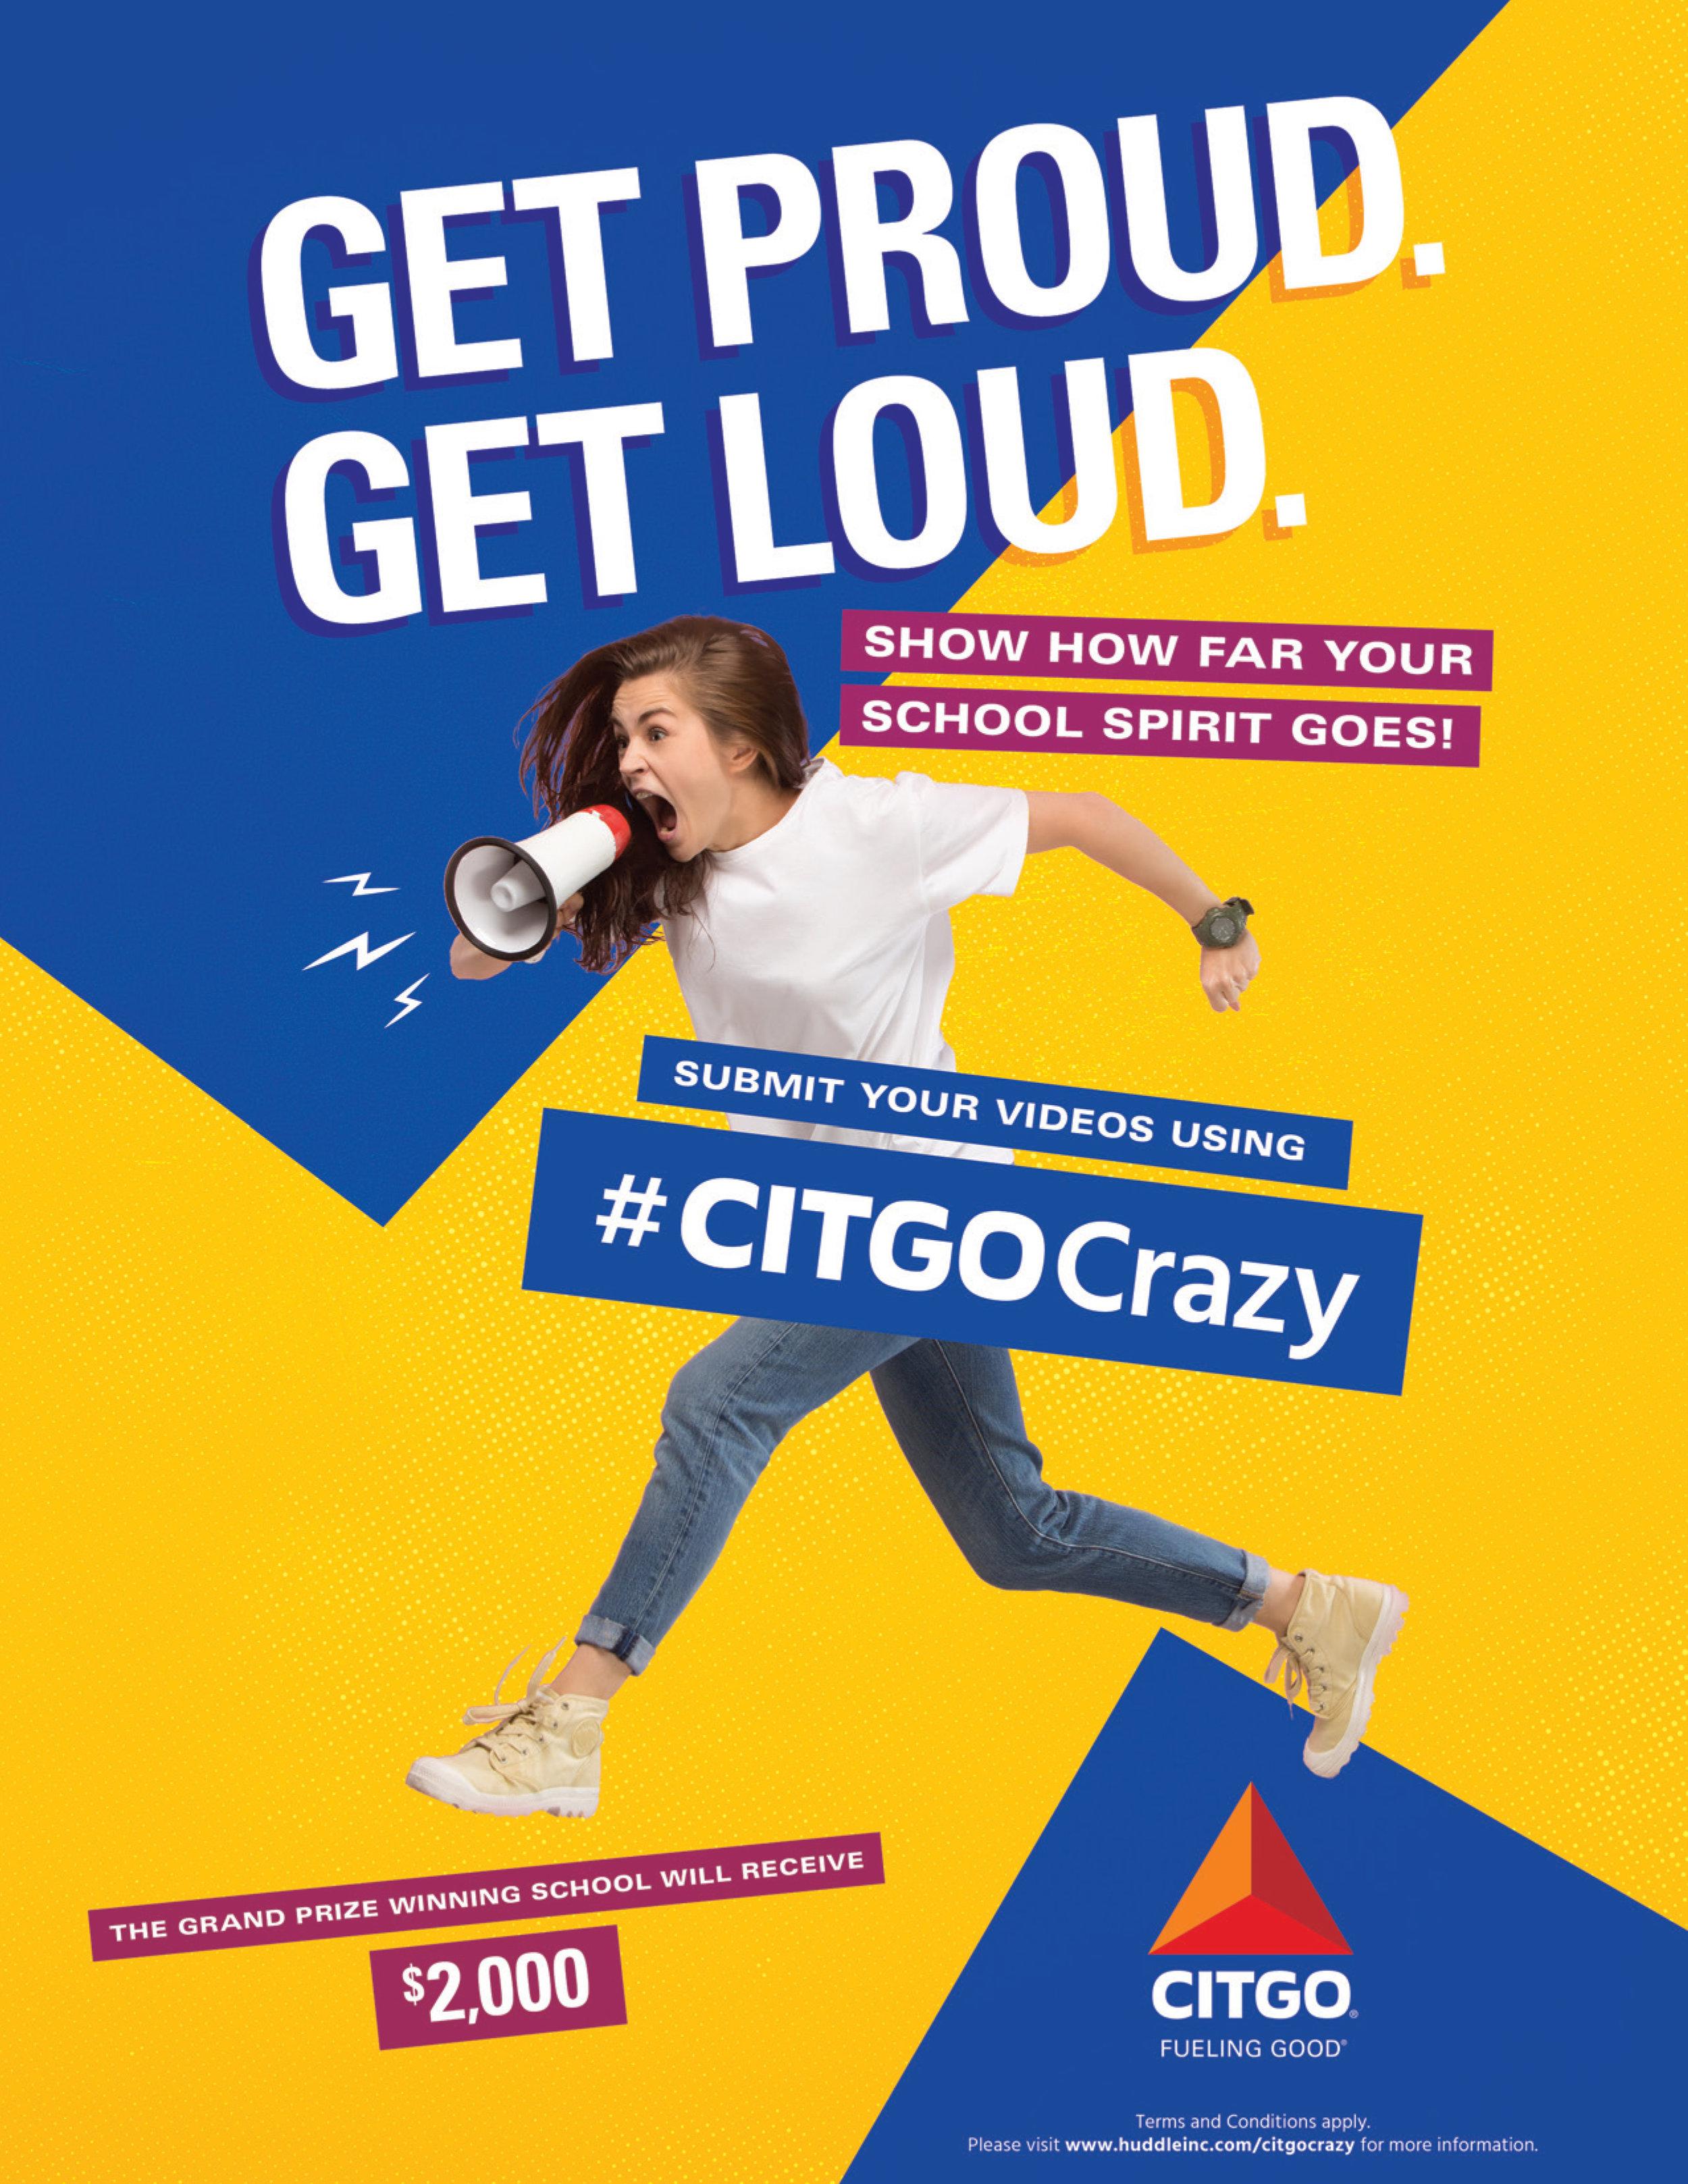 Huddle_CitGO Crazy Poster #1.jpg